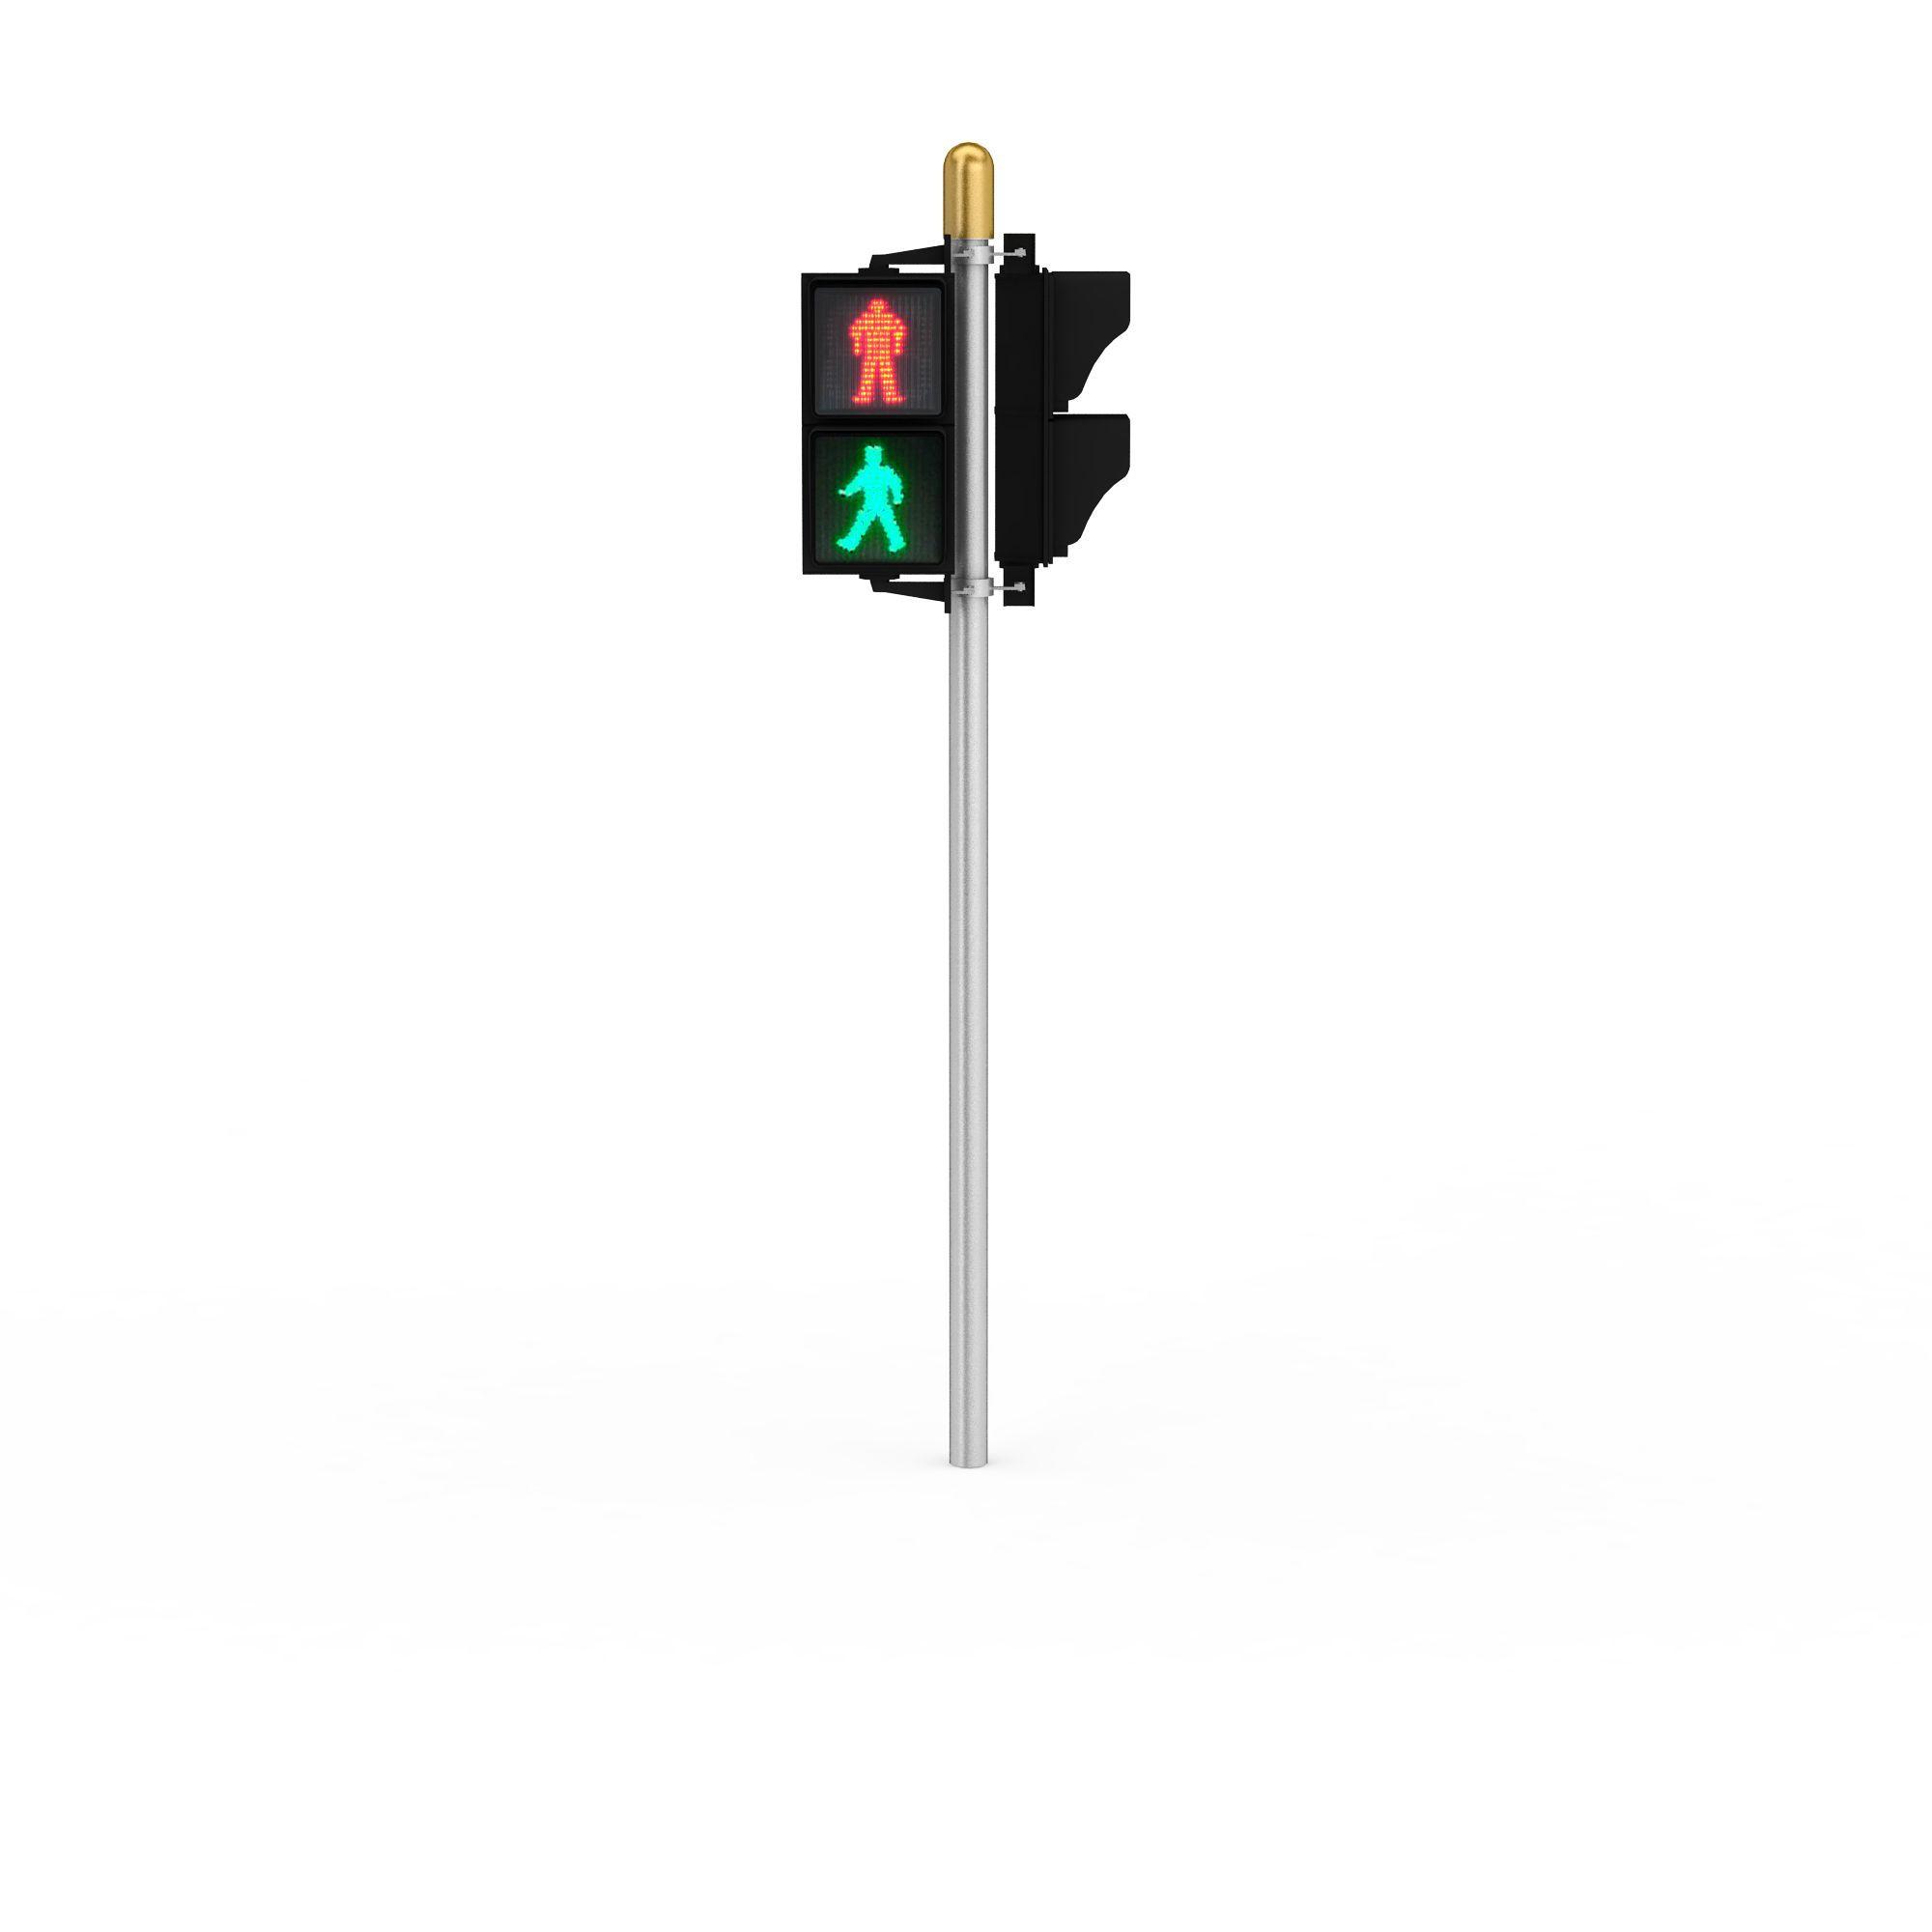 红绿灯图片_红绿灯png图片素材_红绿灯png高清图下载